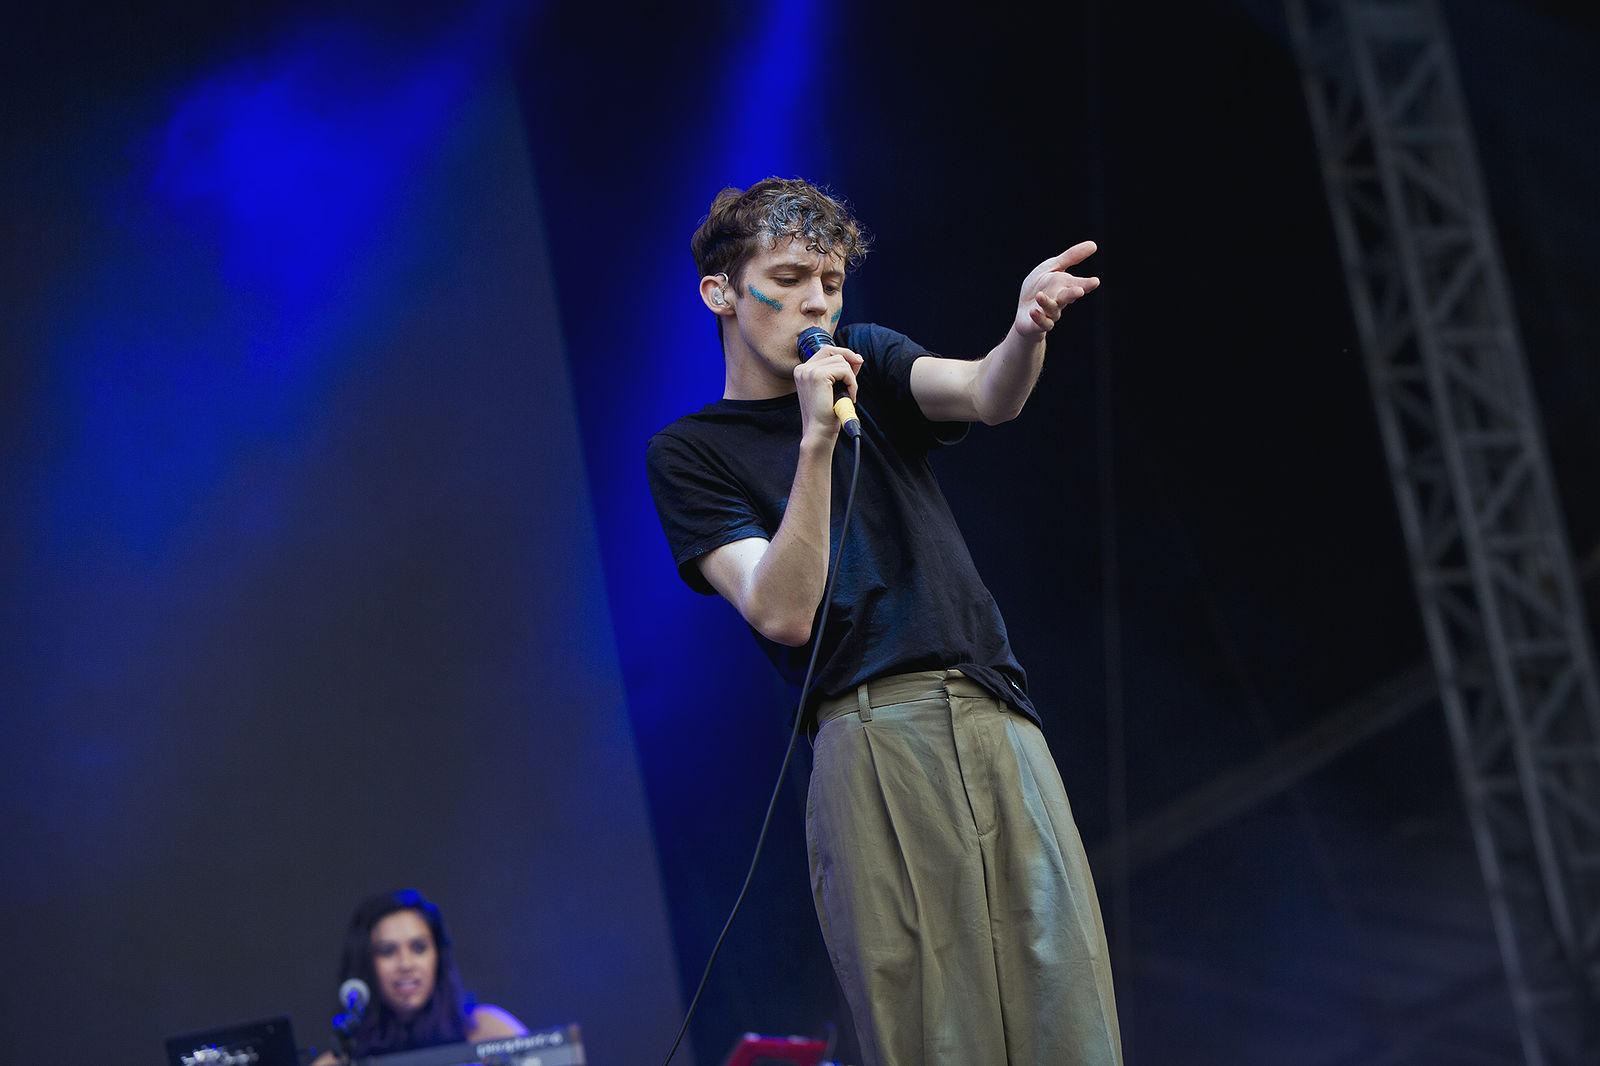 V Festival 2016 - Troye Sivan - Bianca Barrett